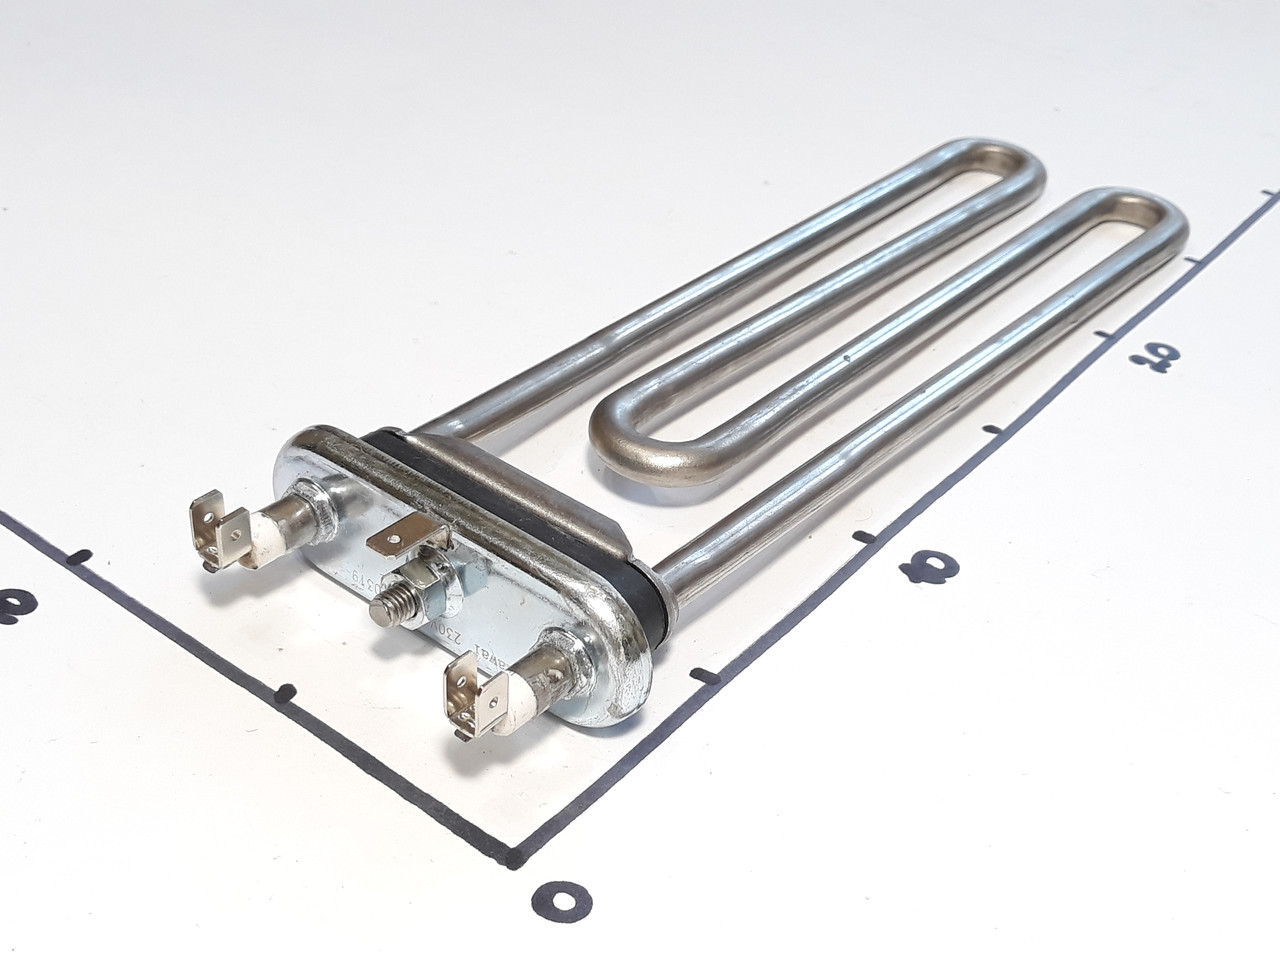 ТЭН для стиральной машины 1950w L-230